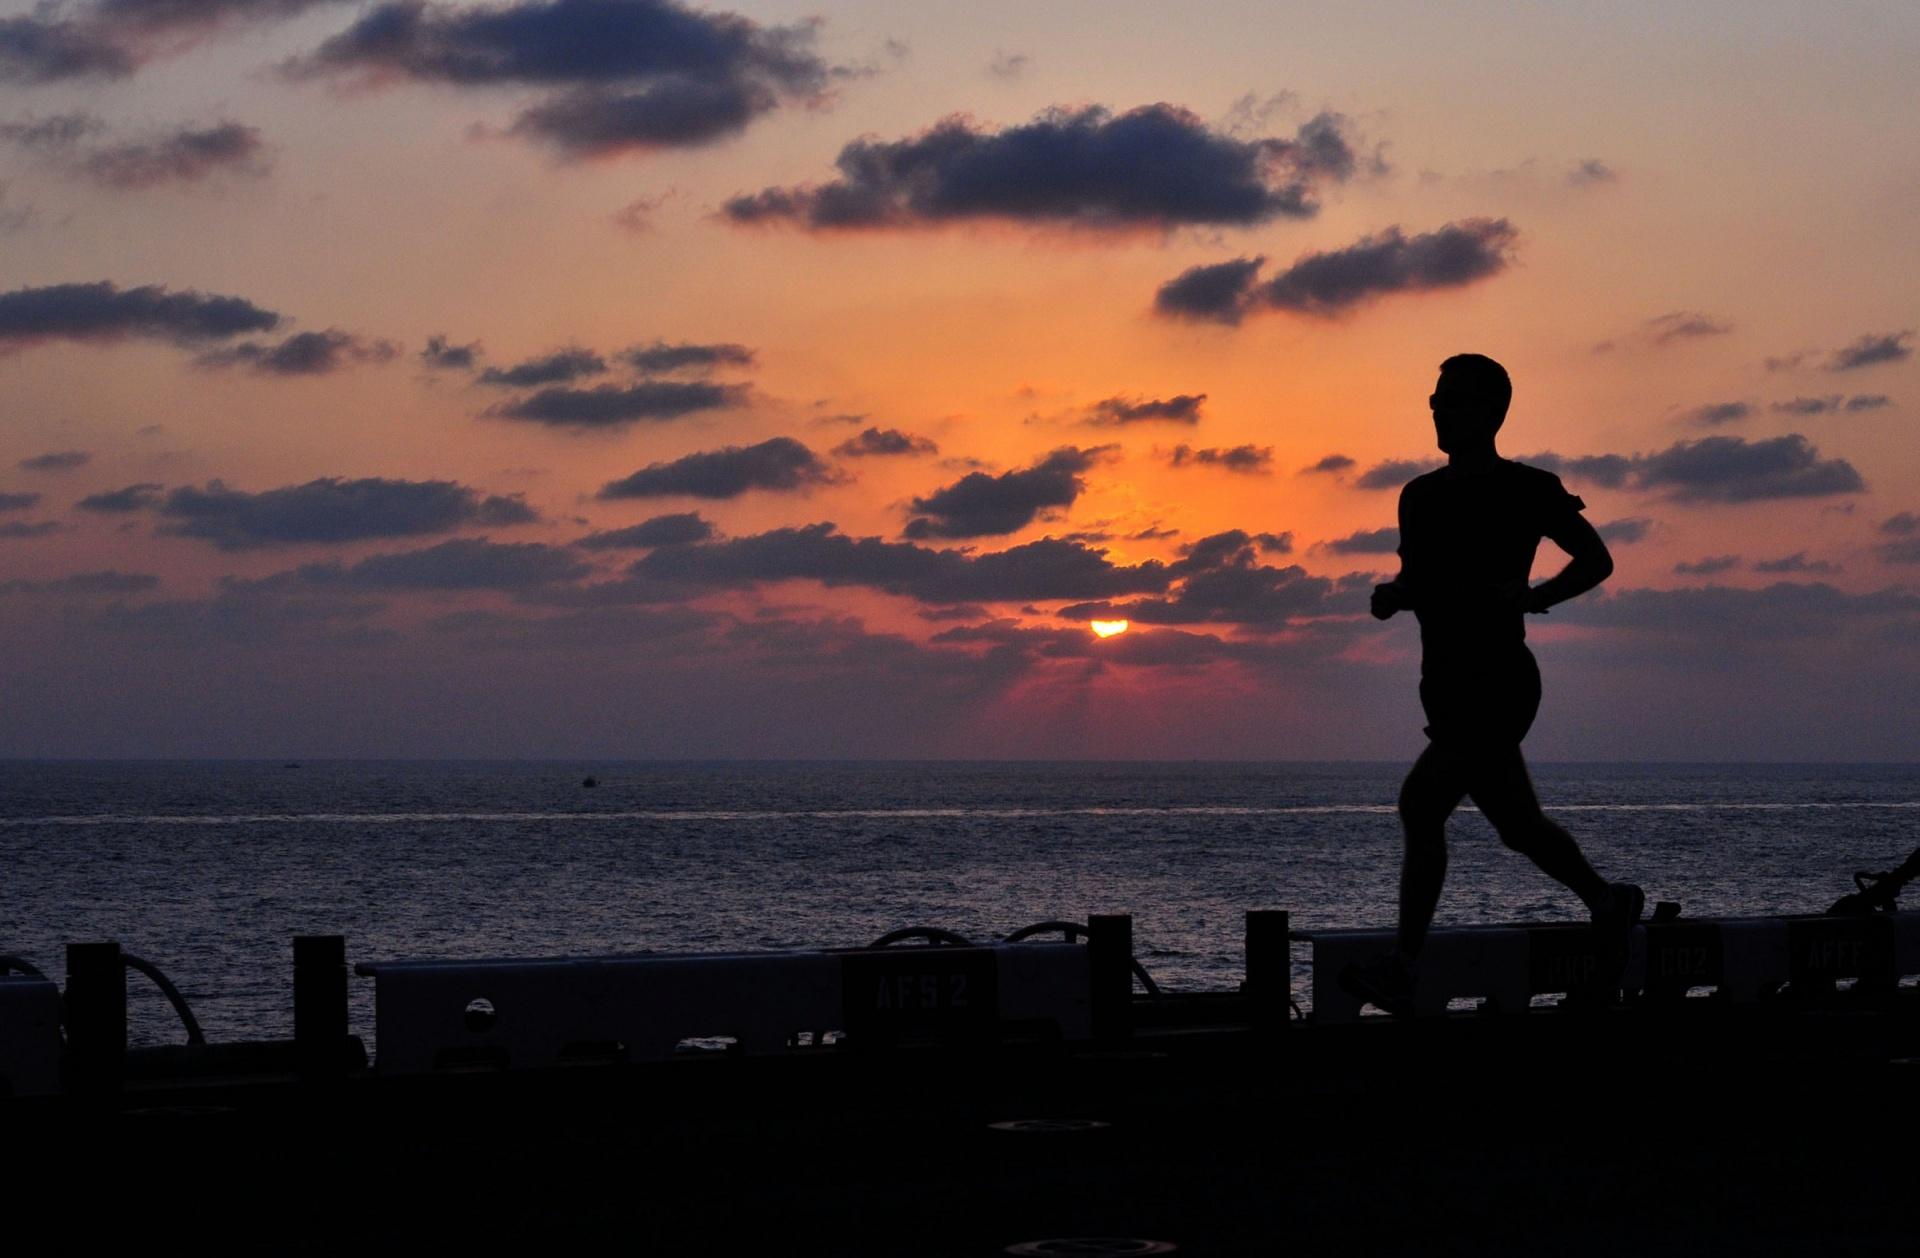 hdl-colesterolo-buono-jogging